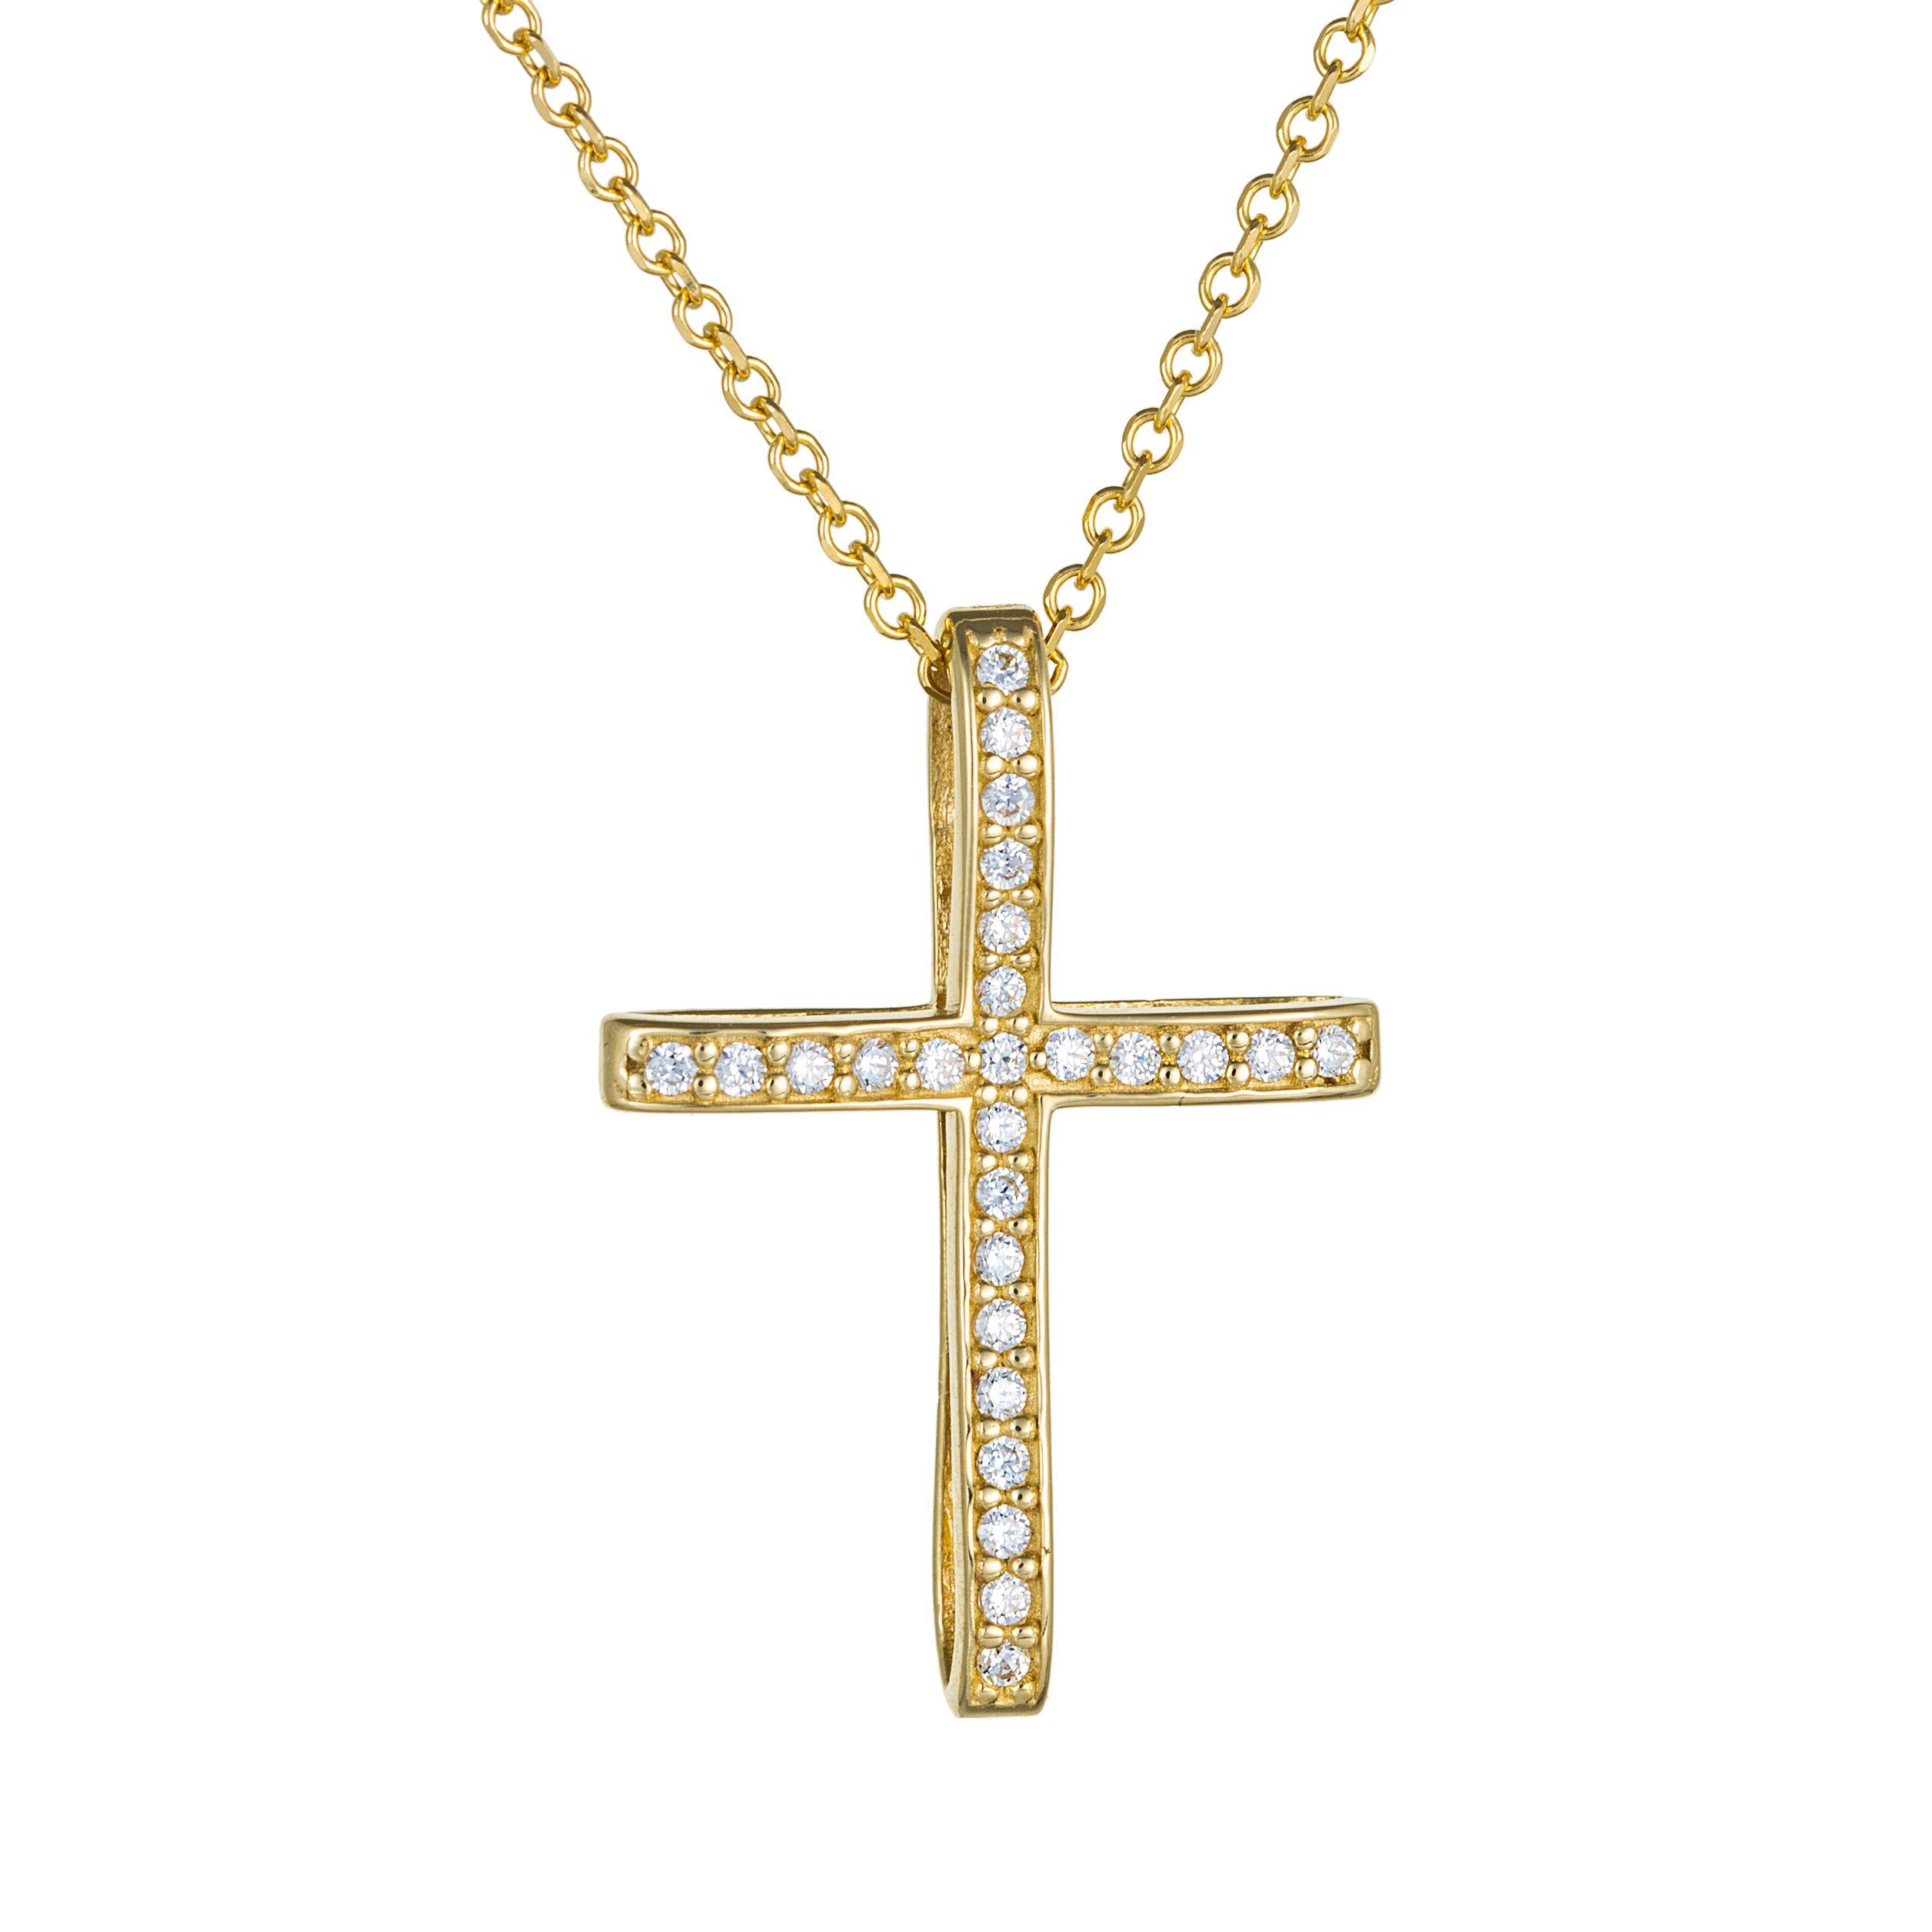 Βαπτιστικός σταυρός χρυσός με πέτρες - Seferos c9eb0768722